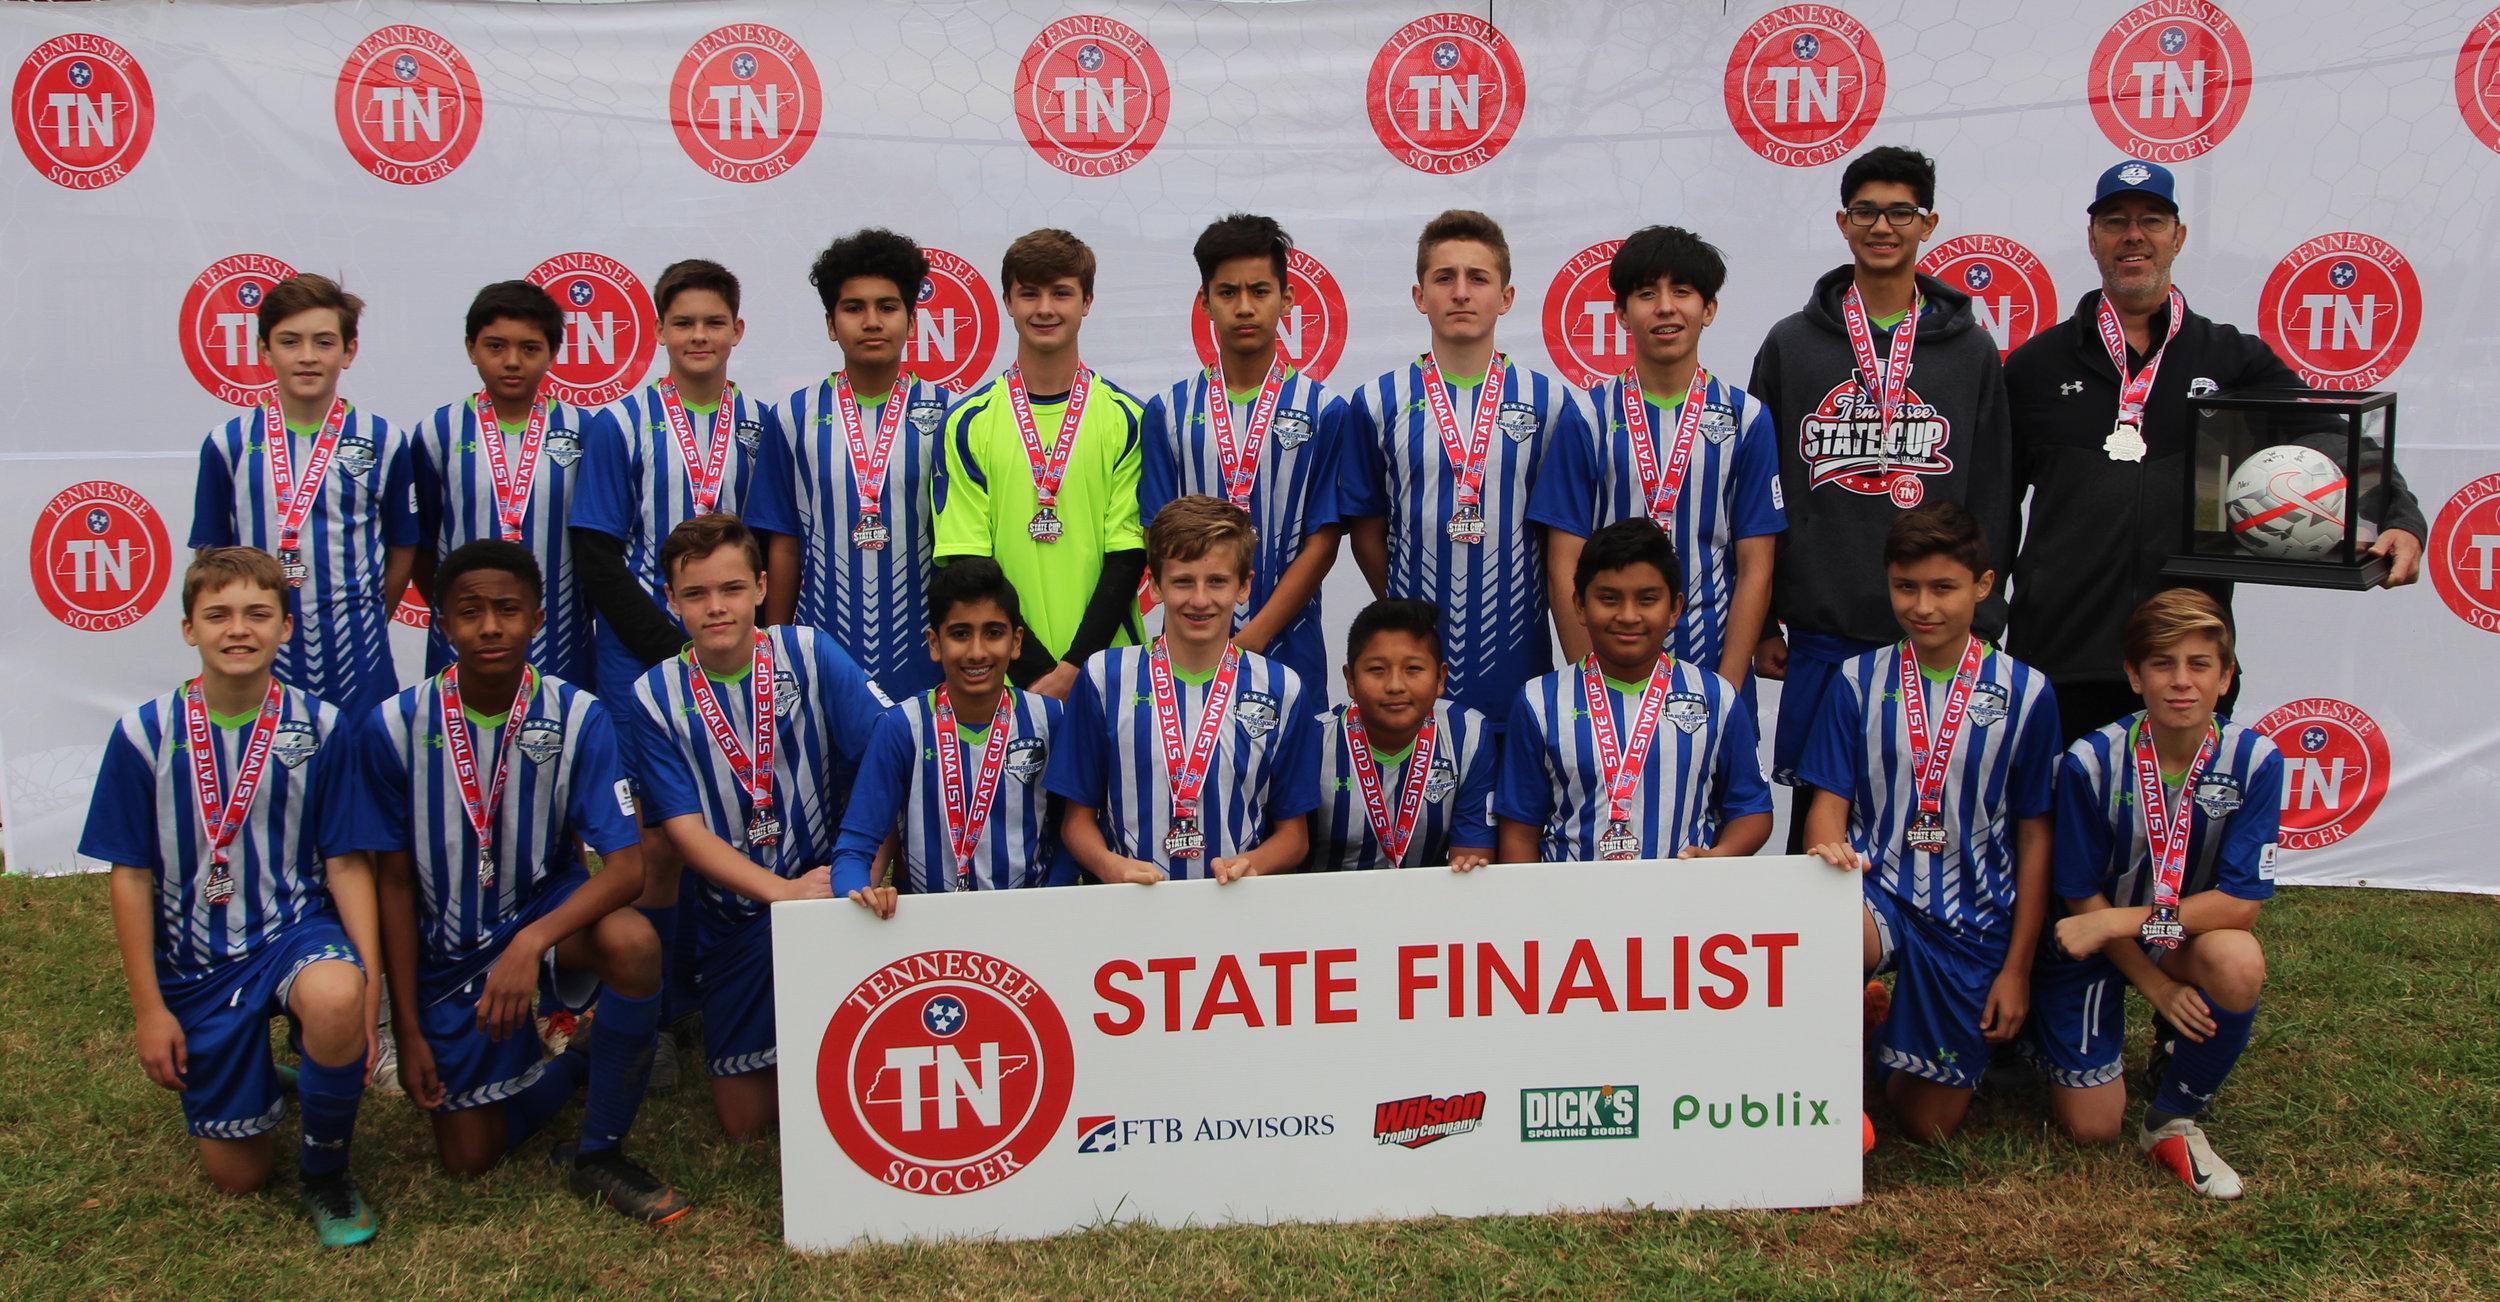 D3 U15 Boys Finalist - 2004/2005 MSC Strikers Elite